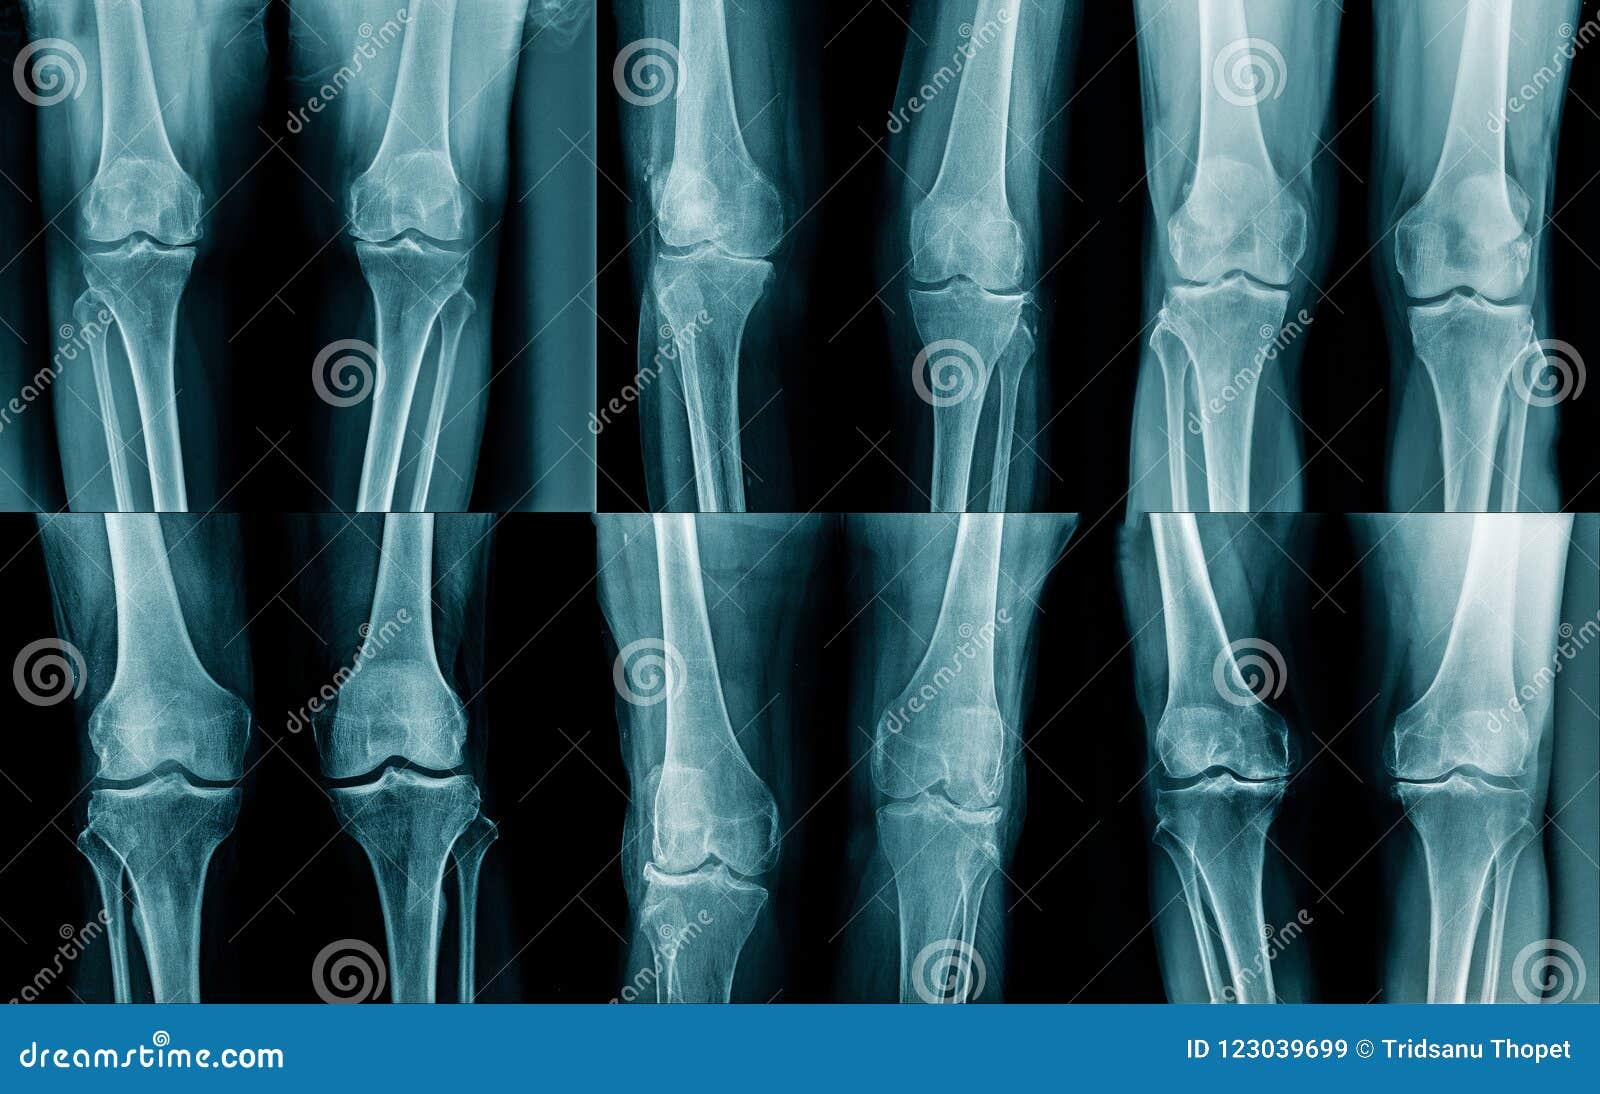 Rayon X de jambe de collection